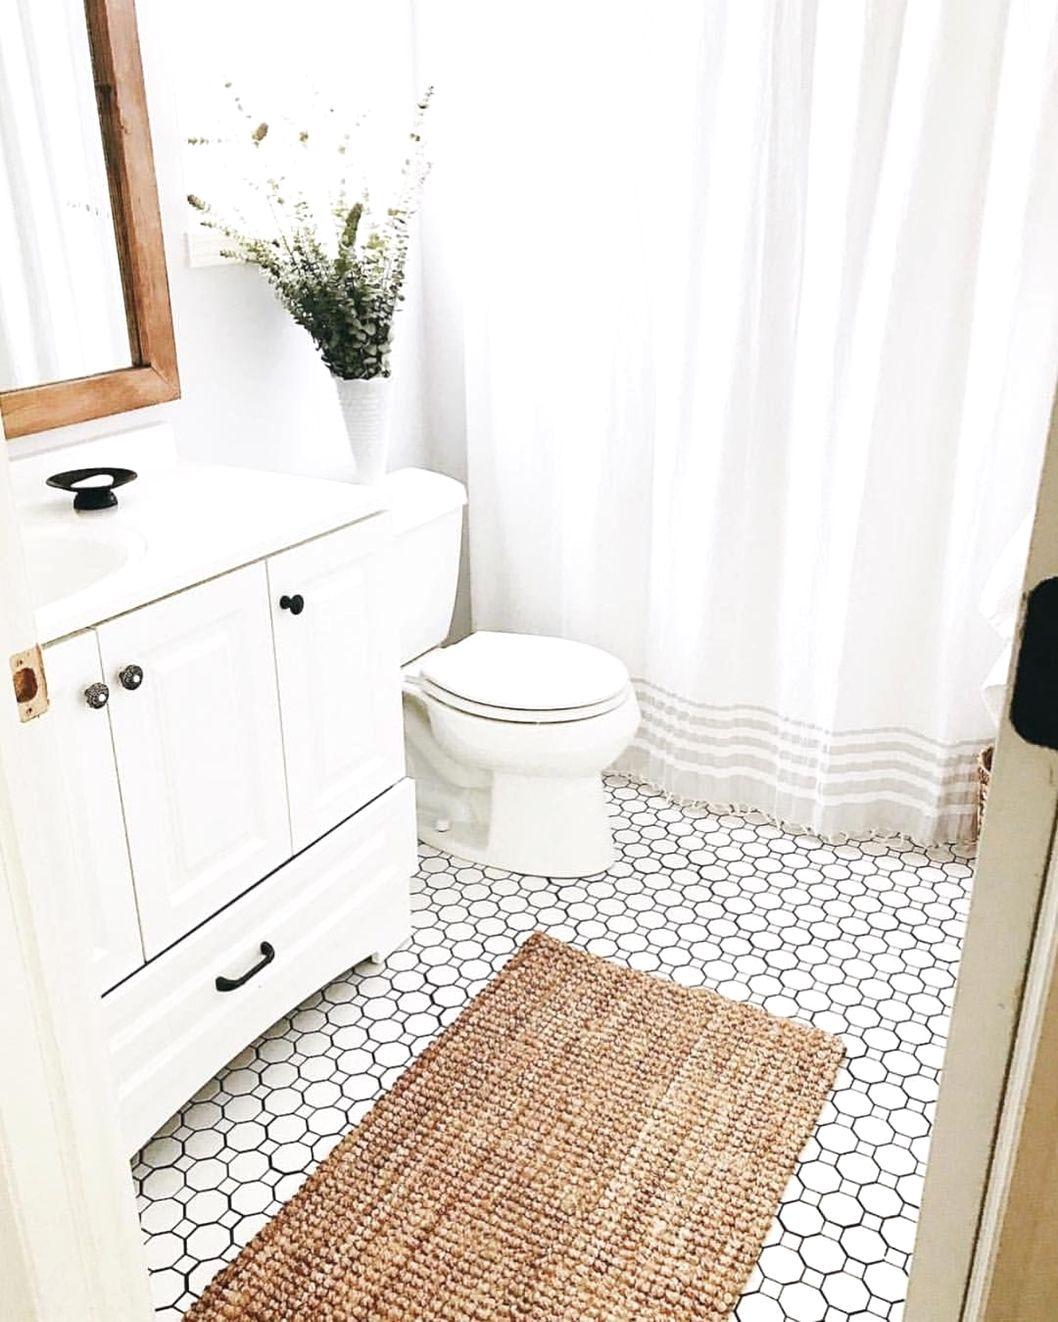 Remodeling bathroom ideas pictures bathroomremodeling bathroom